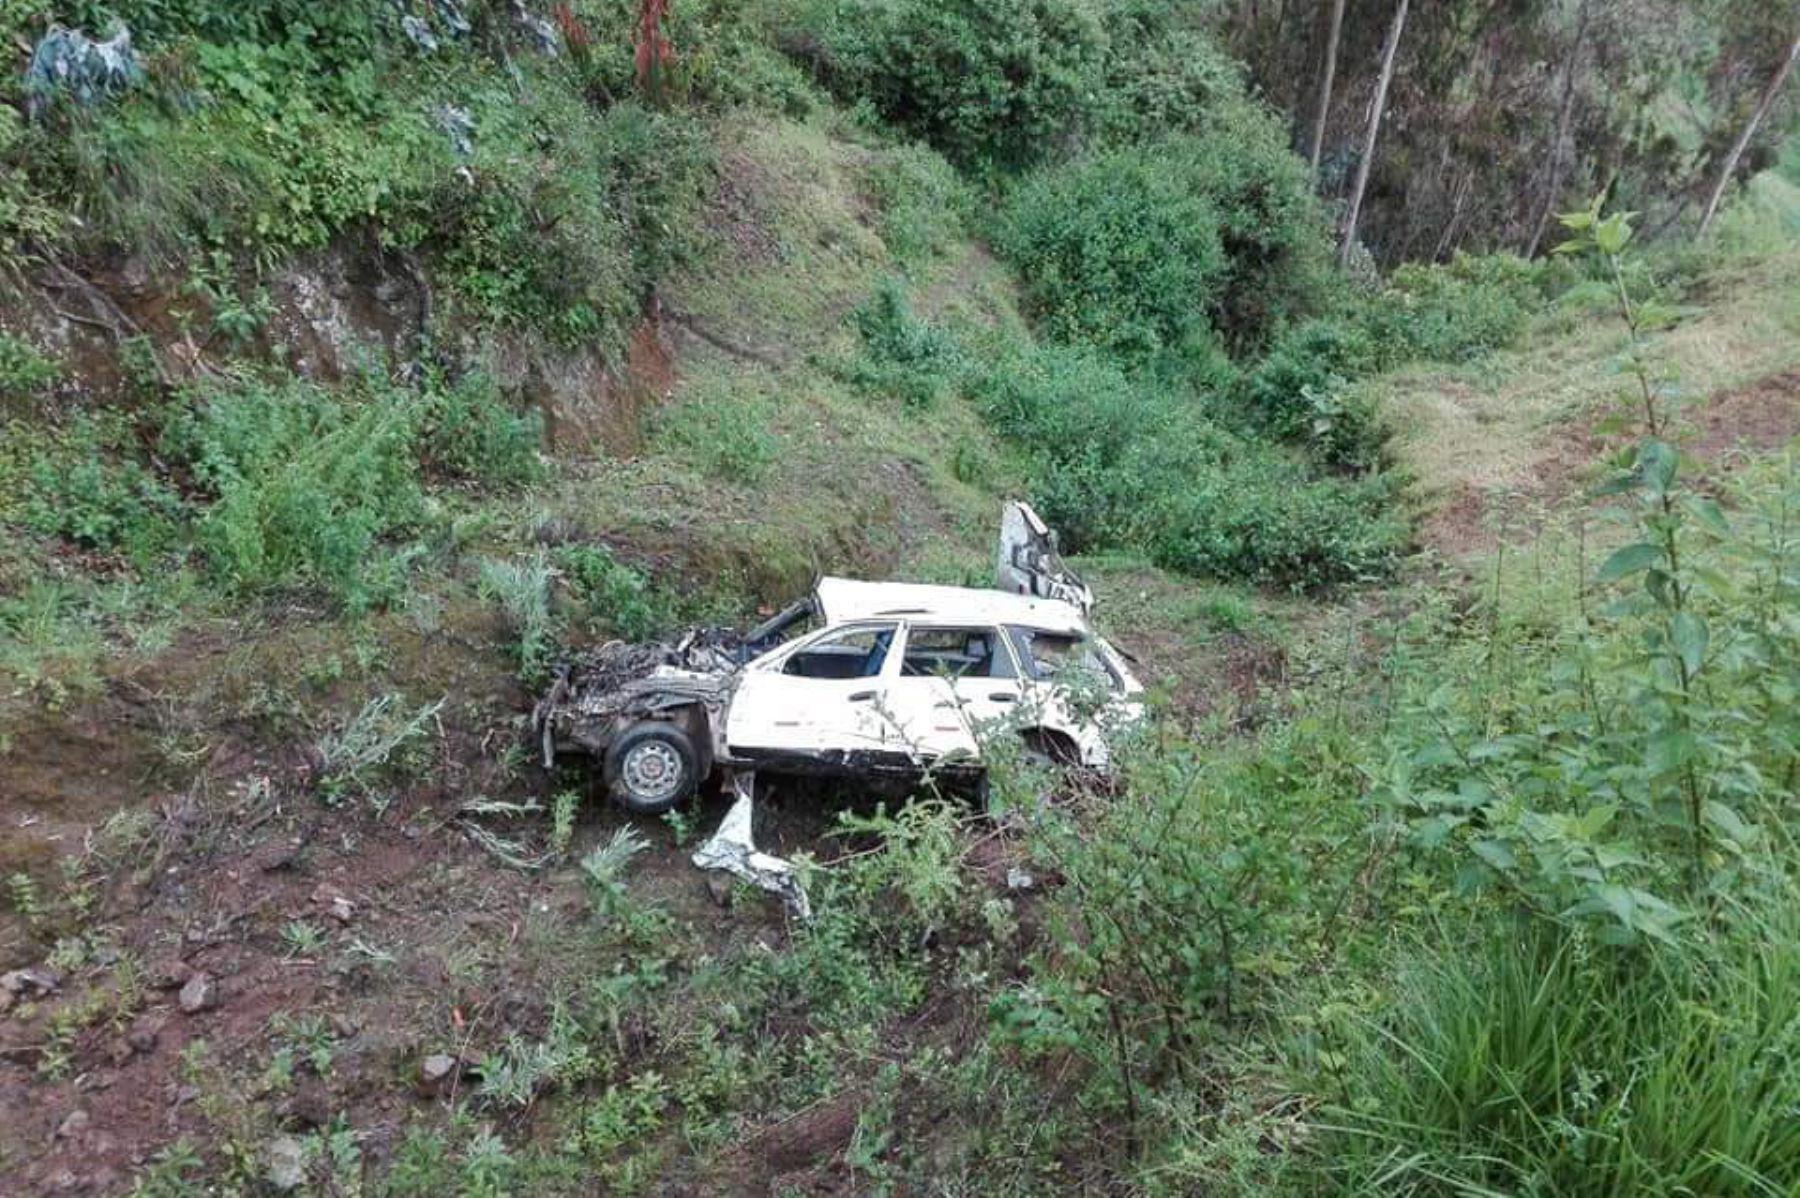 Una camioneta Station Wagon se desbarrancó en la zona conocida como Upianca, en la carretera del sector de San Juanito, en la provincia ancashina de Huaylas.